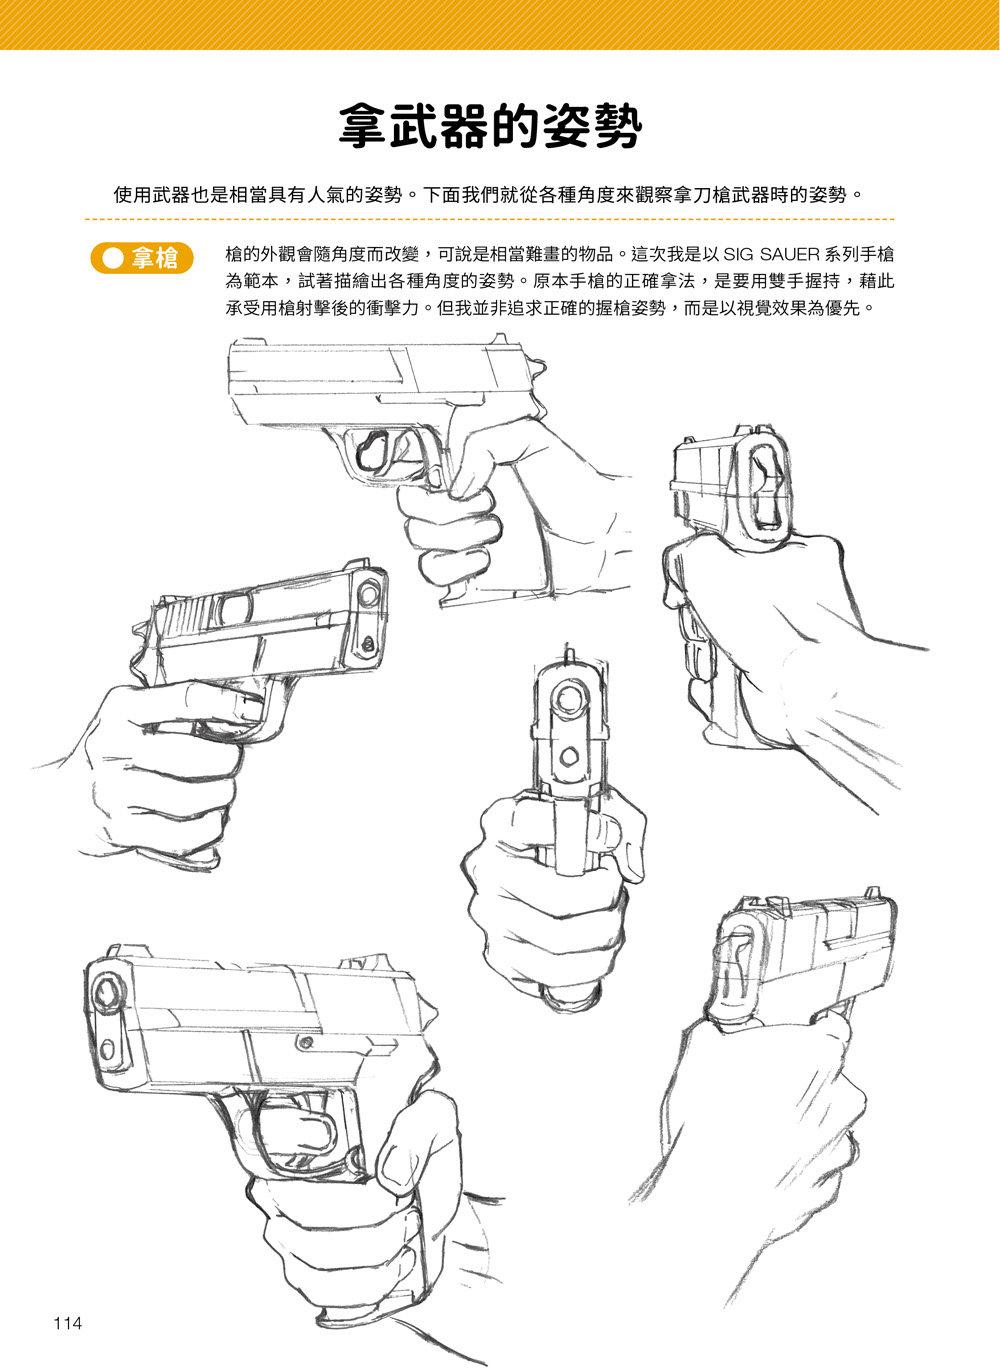 神之手:動畫大神加加美高浩的繪手神技-preview-6